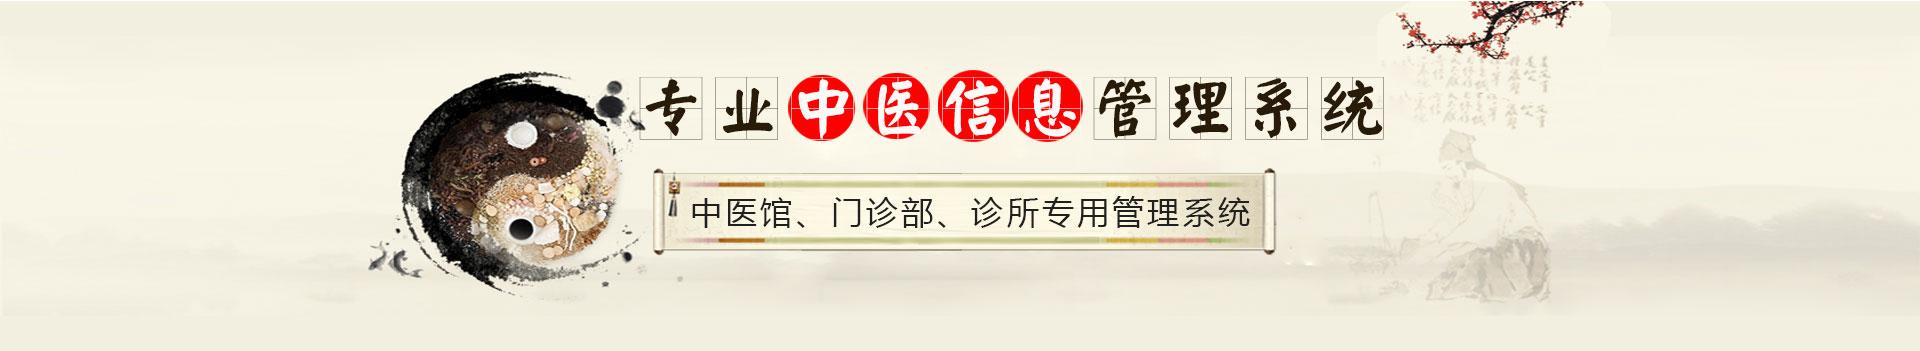 中医管理系统为中医诊所,中医馆,中医门诊,中医院等提供专业信息管理解决方案